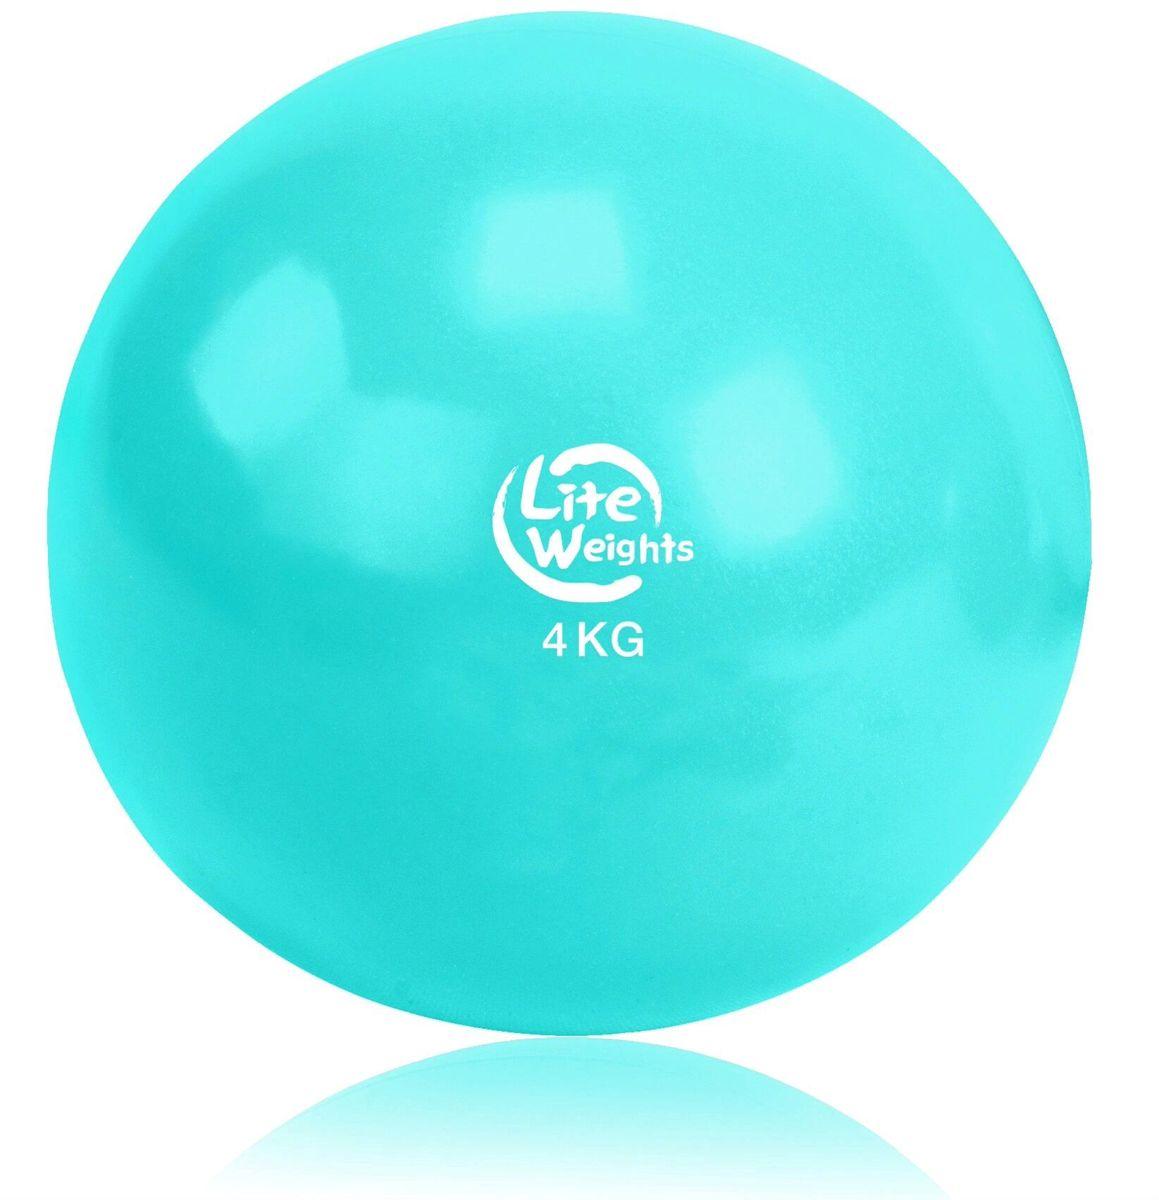 Медицинбол Lite Weights, цвет: голубой, 4 кг